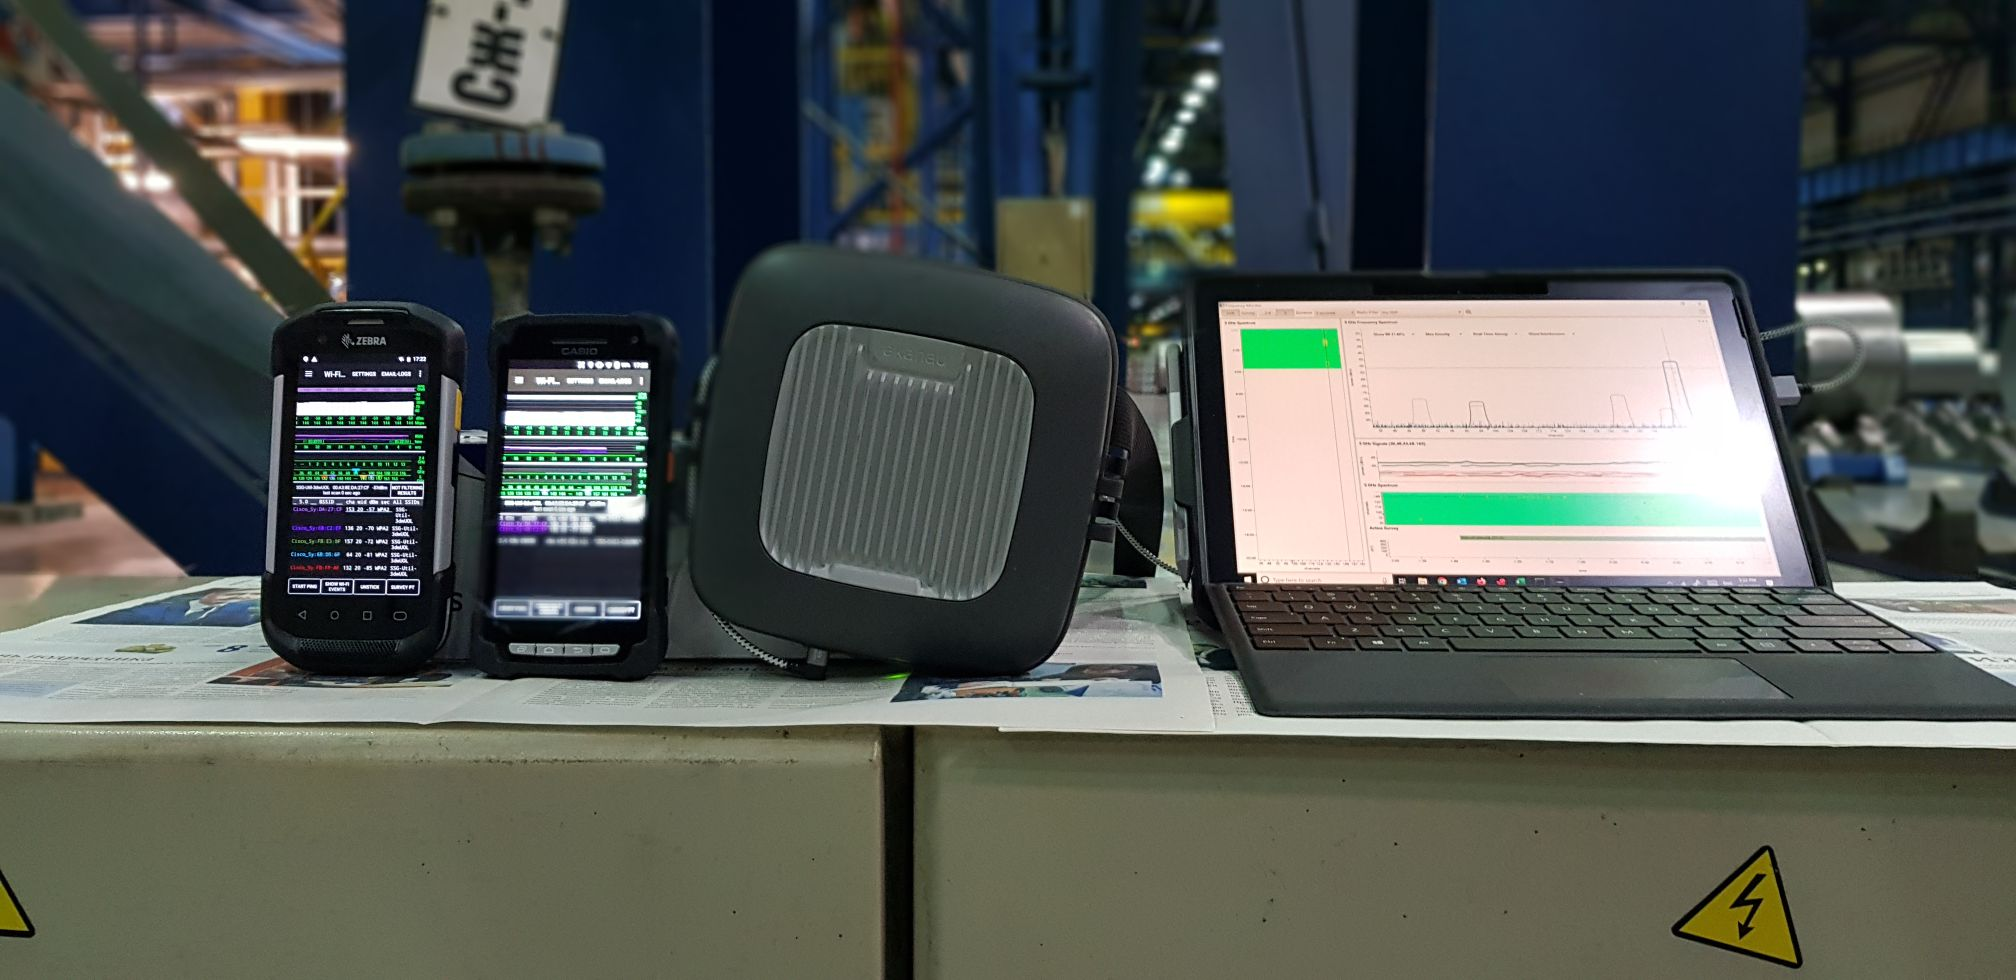 Универсальное ТЗ для Wi-Fi, с пояснениями - 5